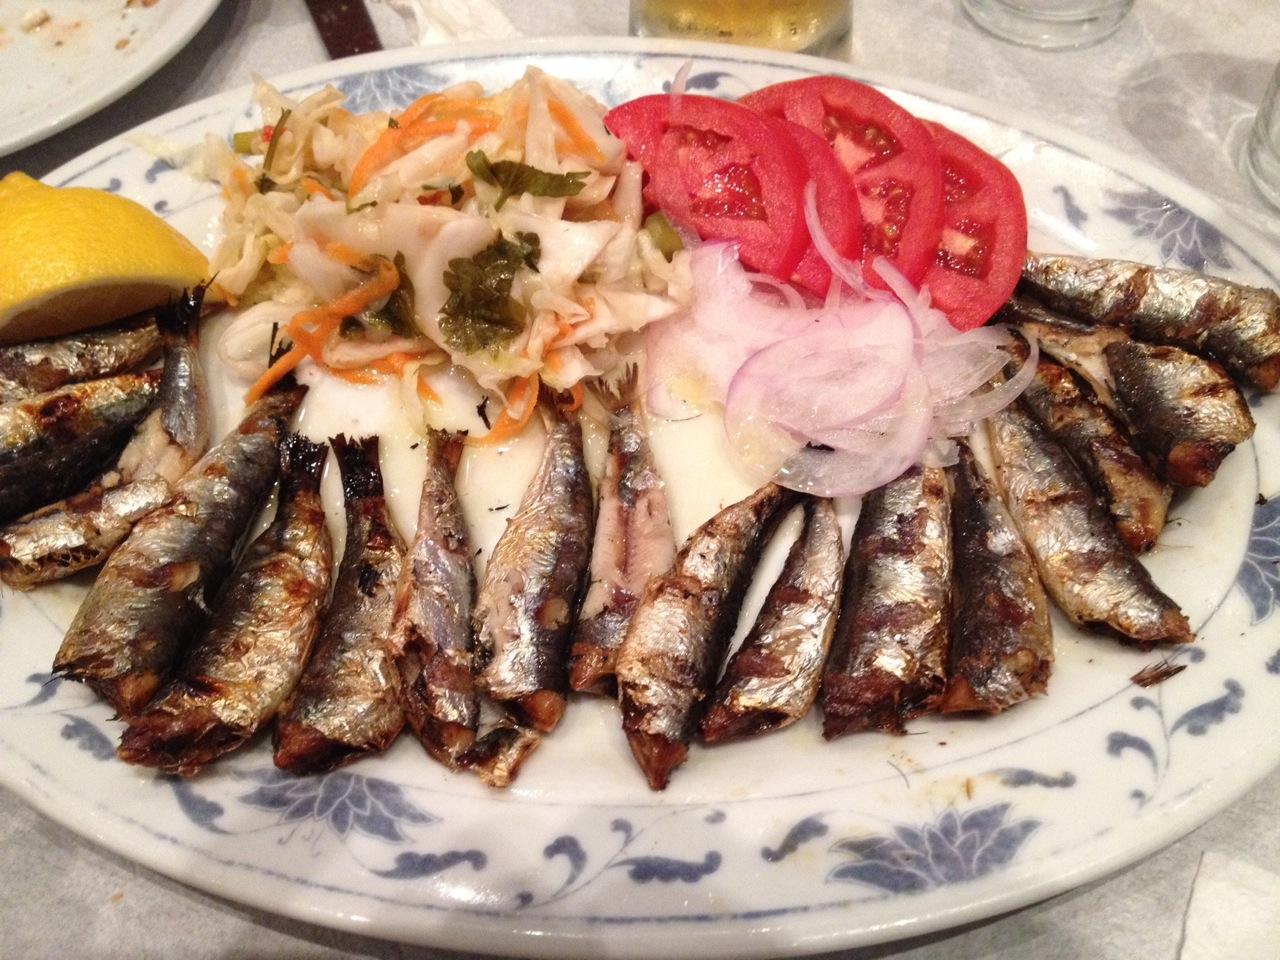 I love sardines, so I had to try them at Kanados